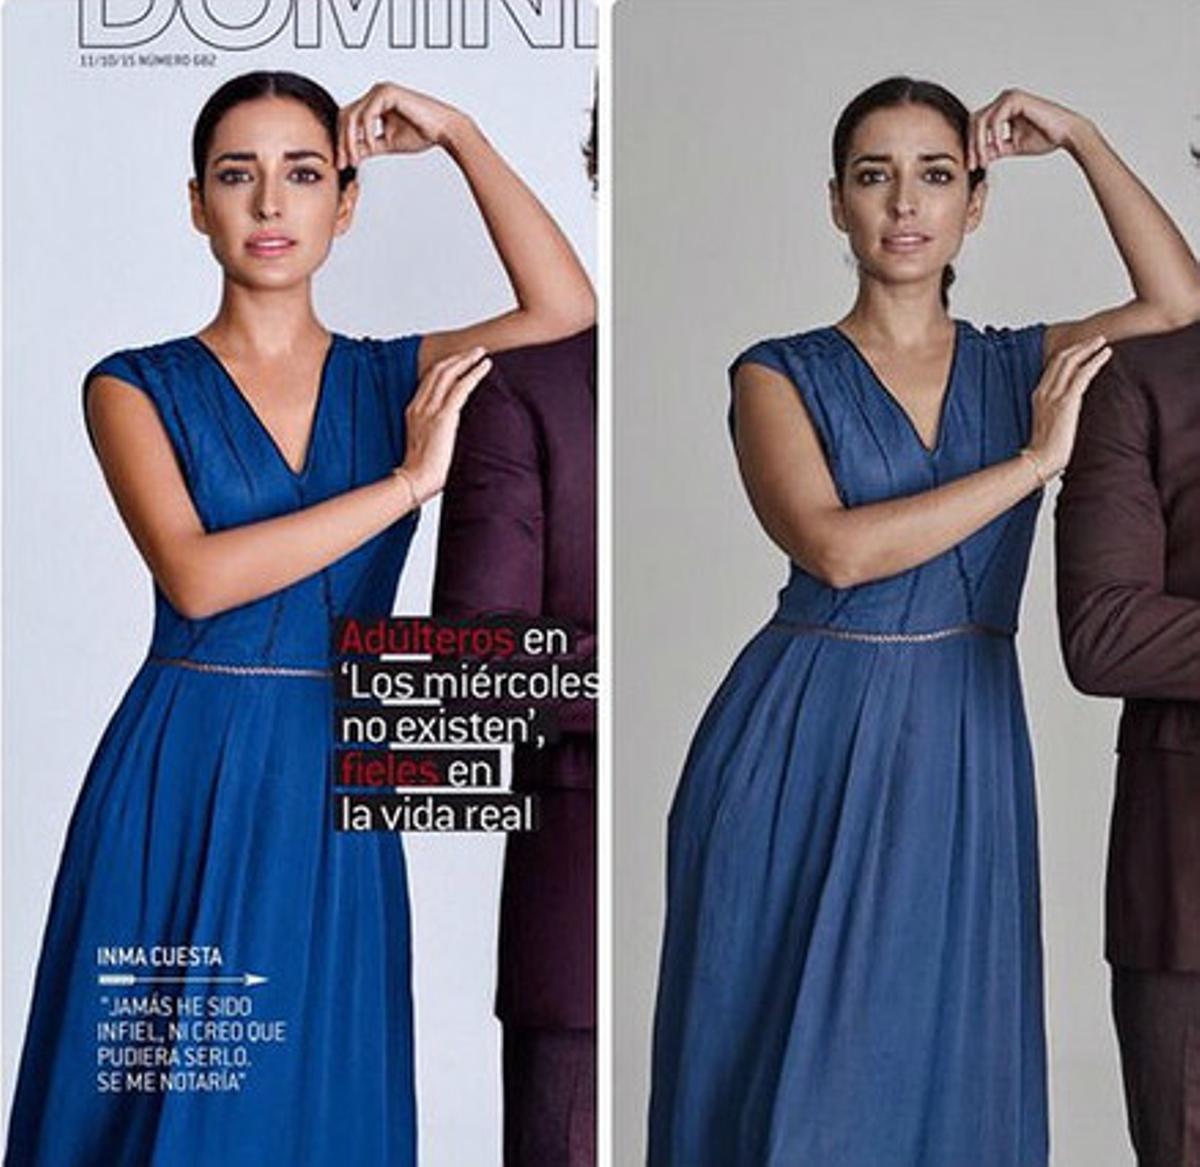 Inma Cuesta en las imágenes de la polémica: a la izquierda, en la portada de 'Dominical', a la derecha, la fotografía original para la que la agencia pidió correcciones.